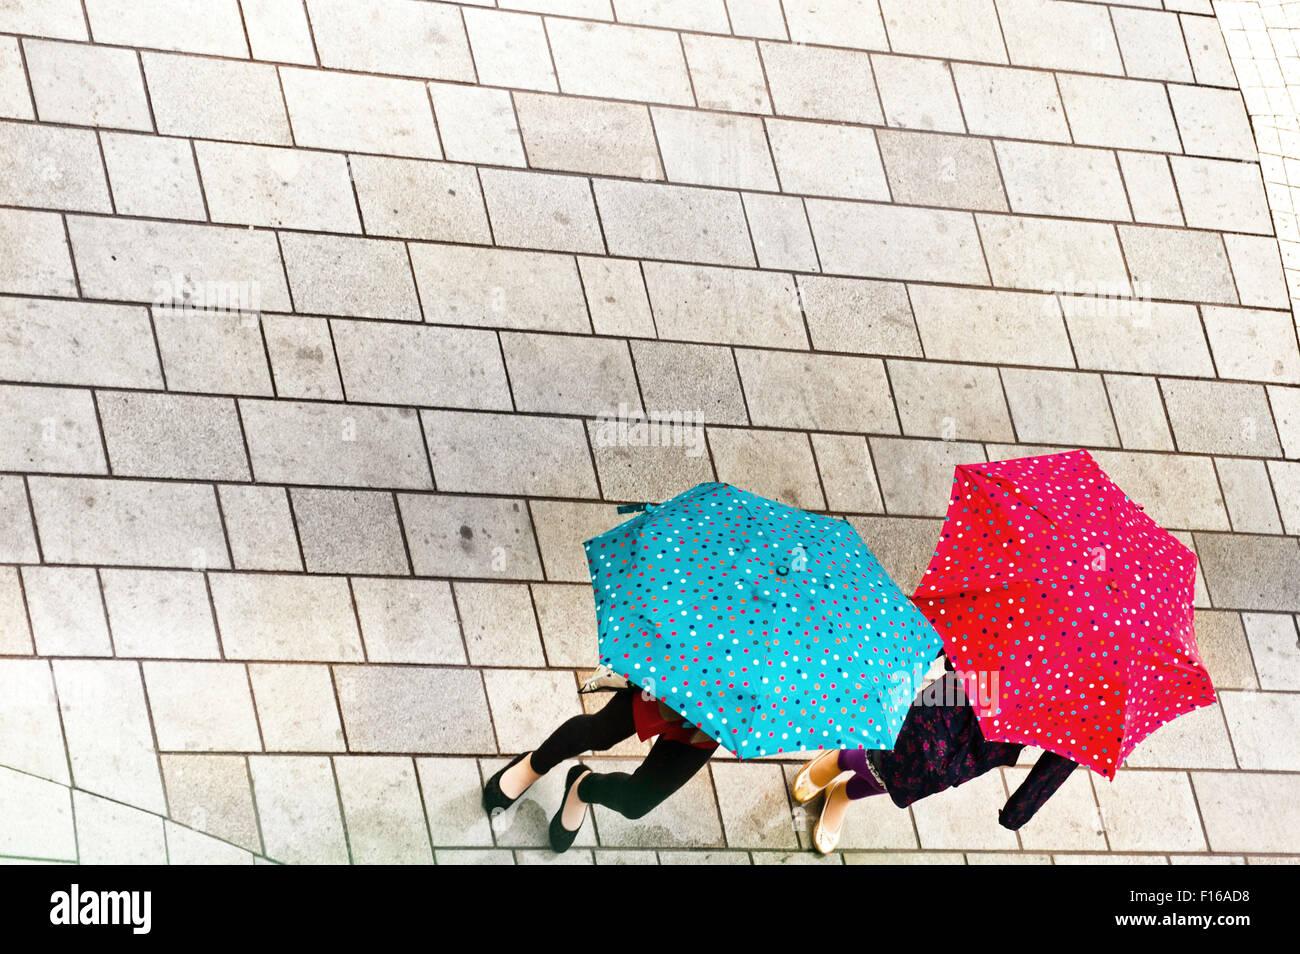 zwei Frauen unter ihren Regenschirmen, von oben gesehen Stockbild